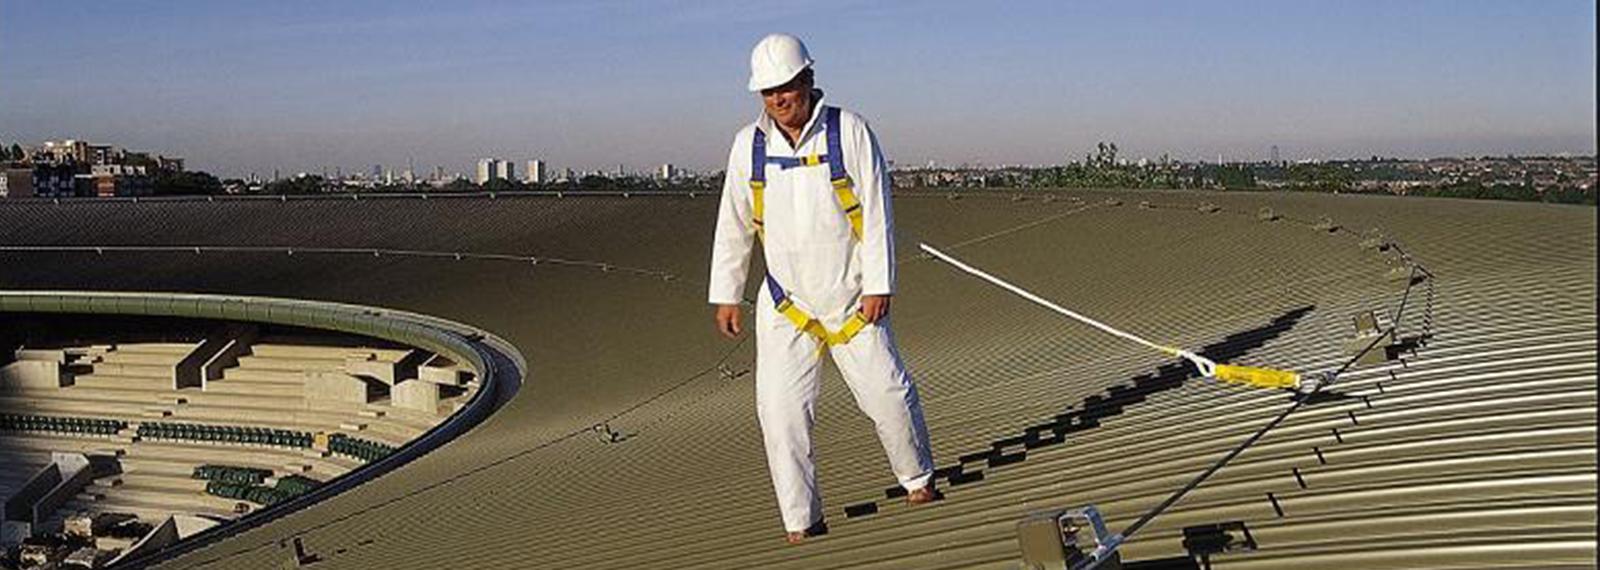 尚宏全面性水平生命线系统安装范围高空屋面罐车钢缆行车应用广泛